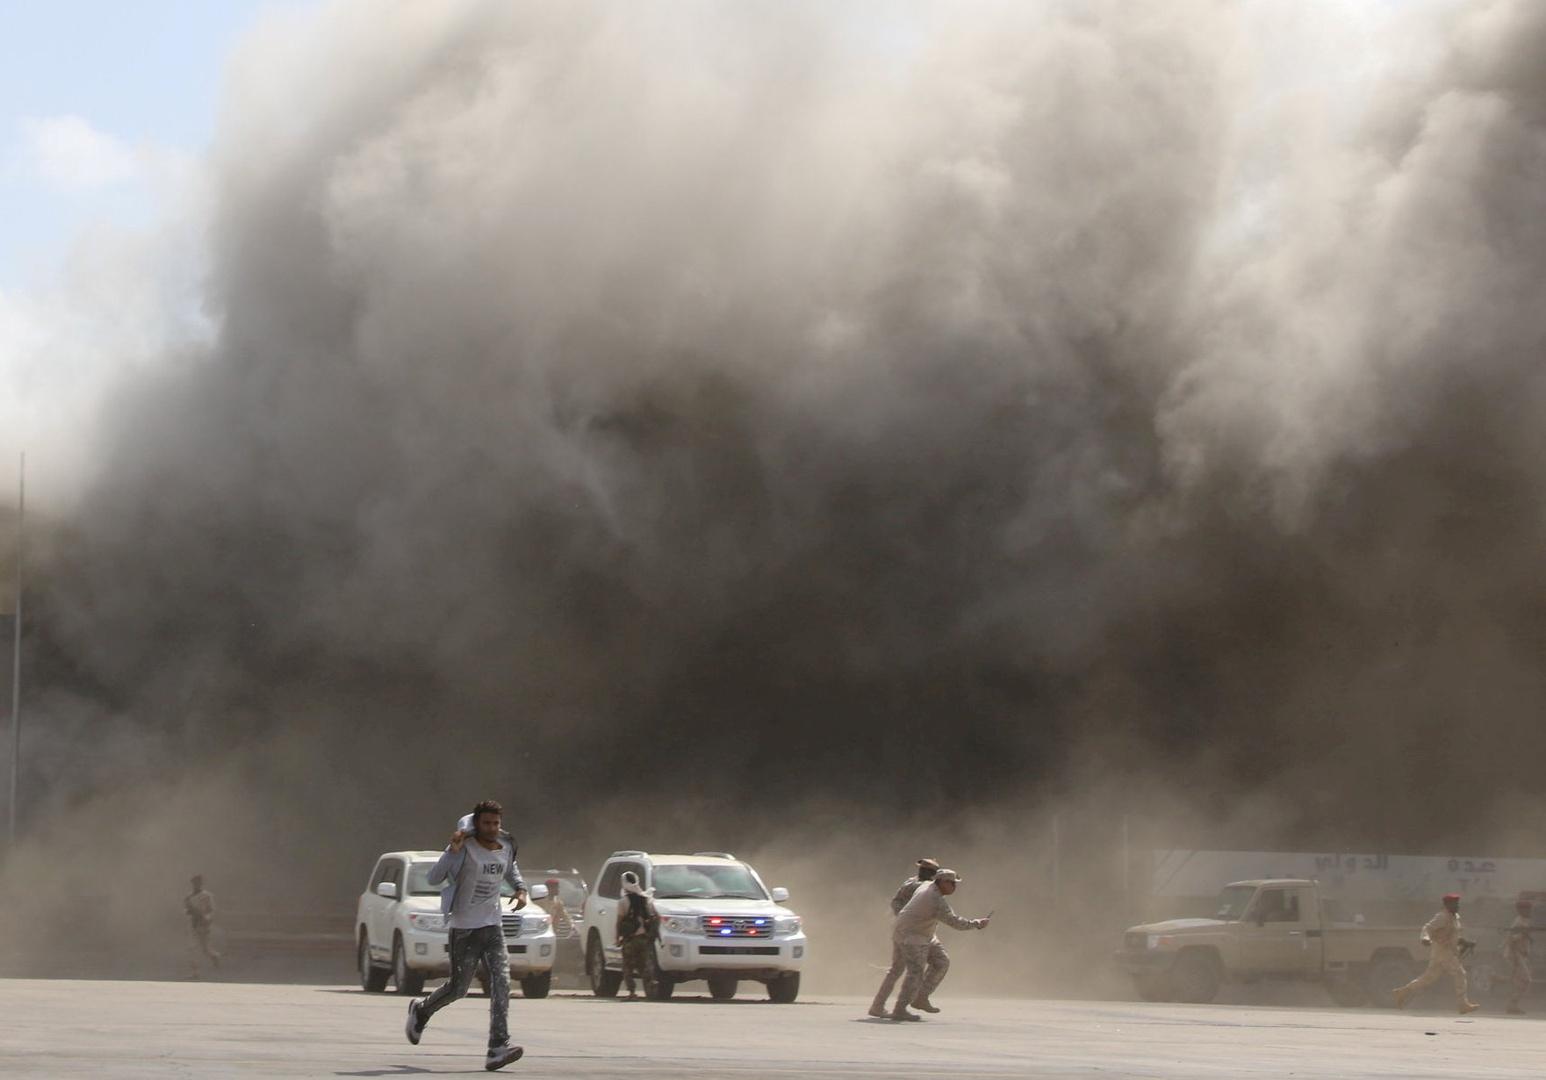 إيران تحمل التحالف العربي المسؤولية عن تقويض استقرار اليمن في ظل قصف مطار عدن